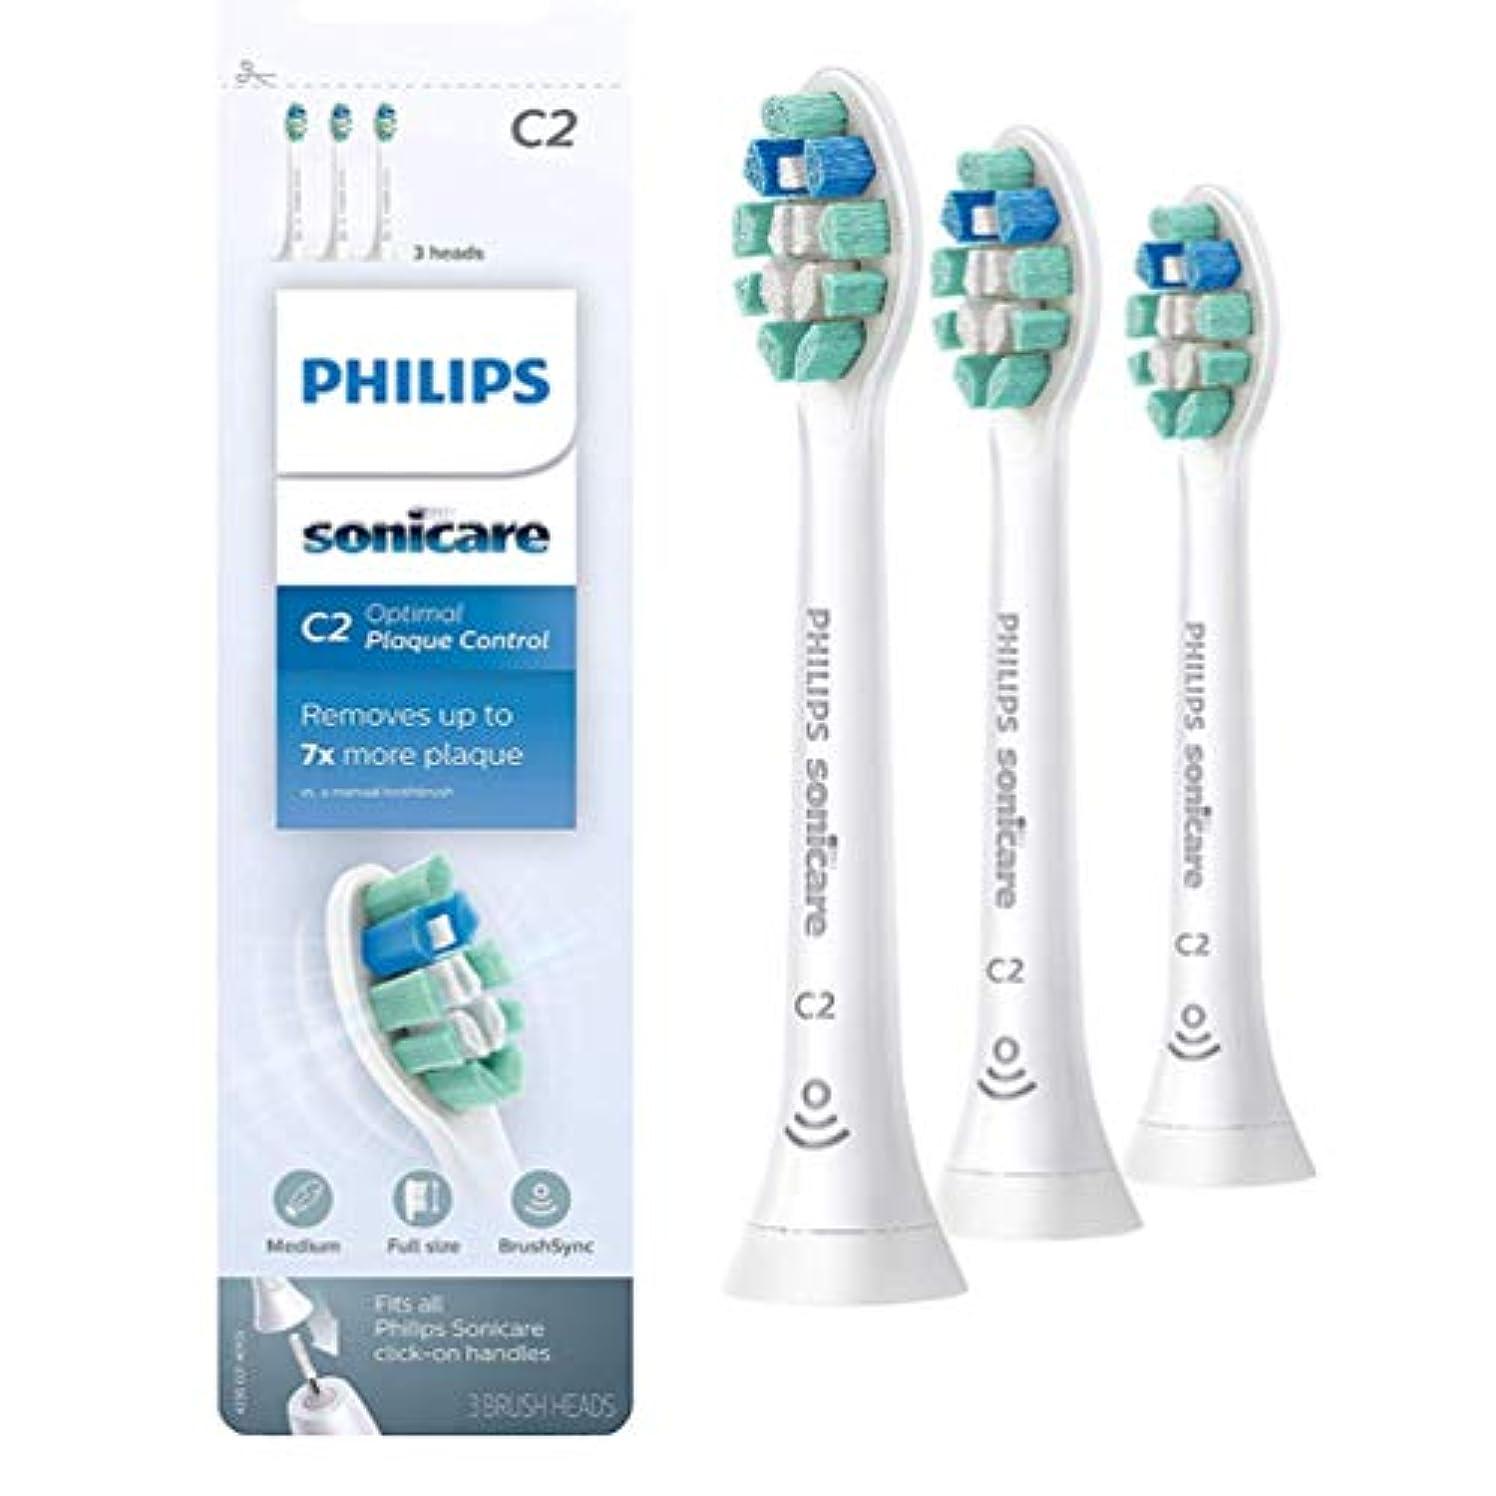 変形する発揮する保育園(正規品)Philips Sonicareソニッケアークリーンプラス (旧プラークディフェンス)電動歯ブラシHX9023 3本組